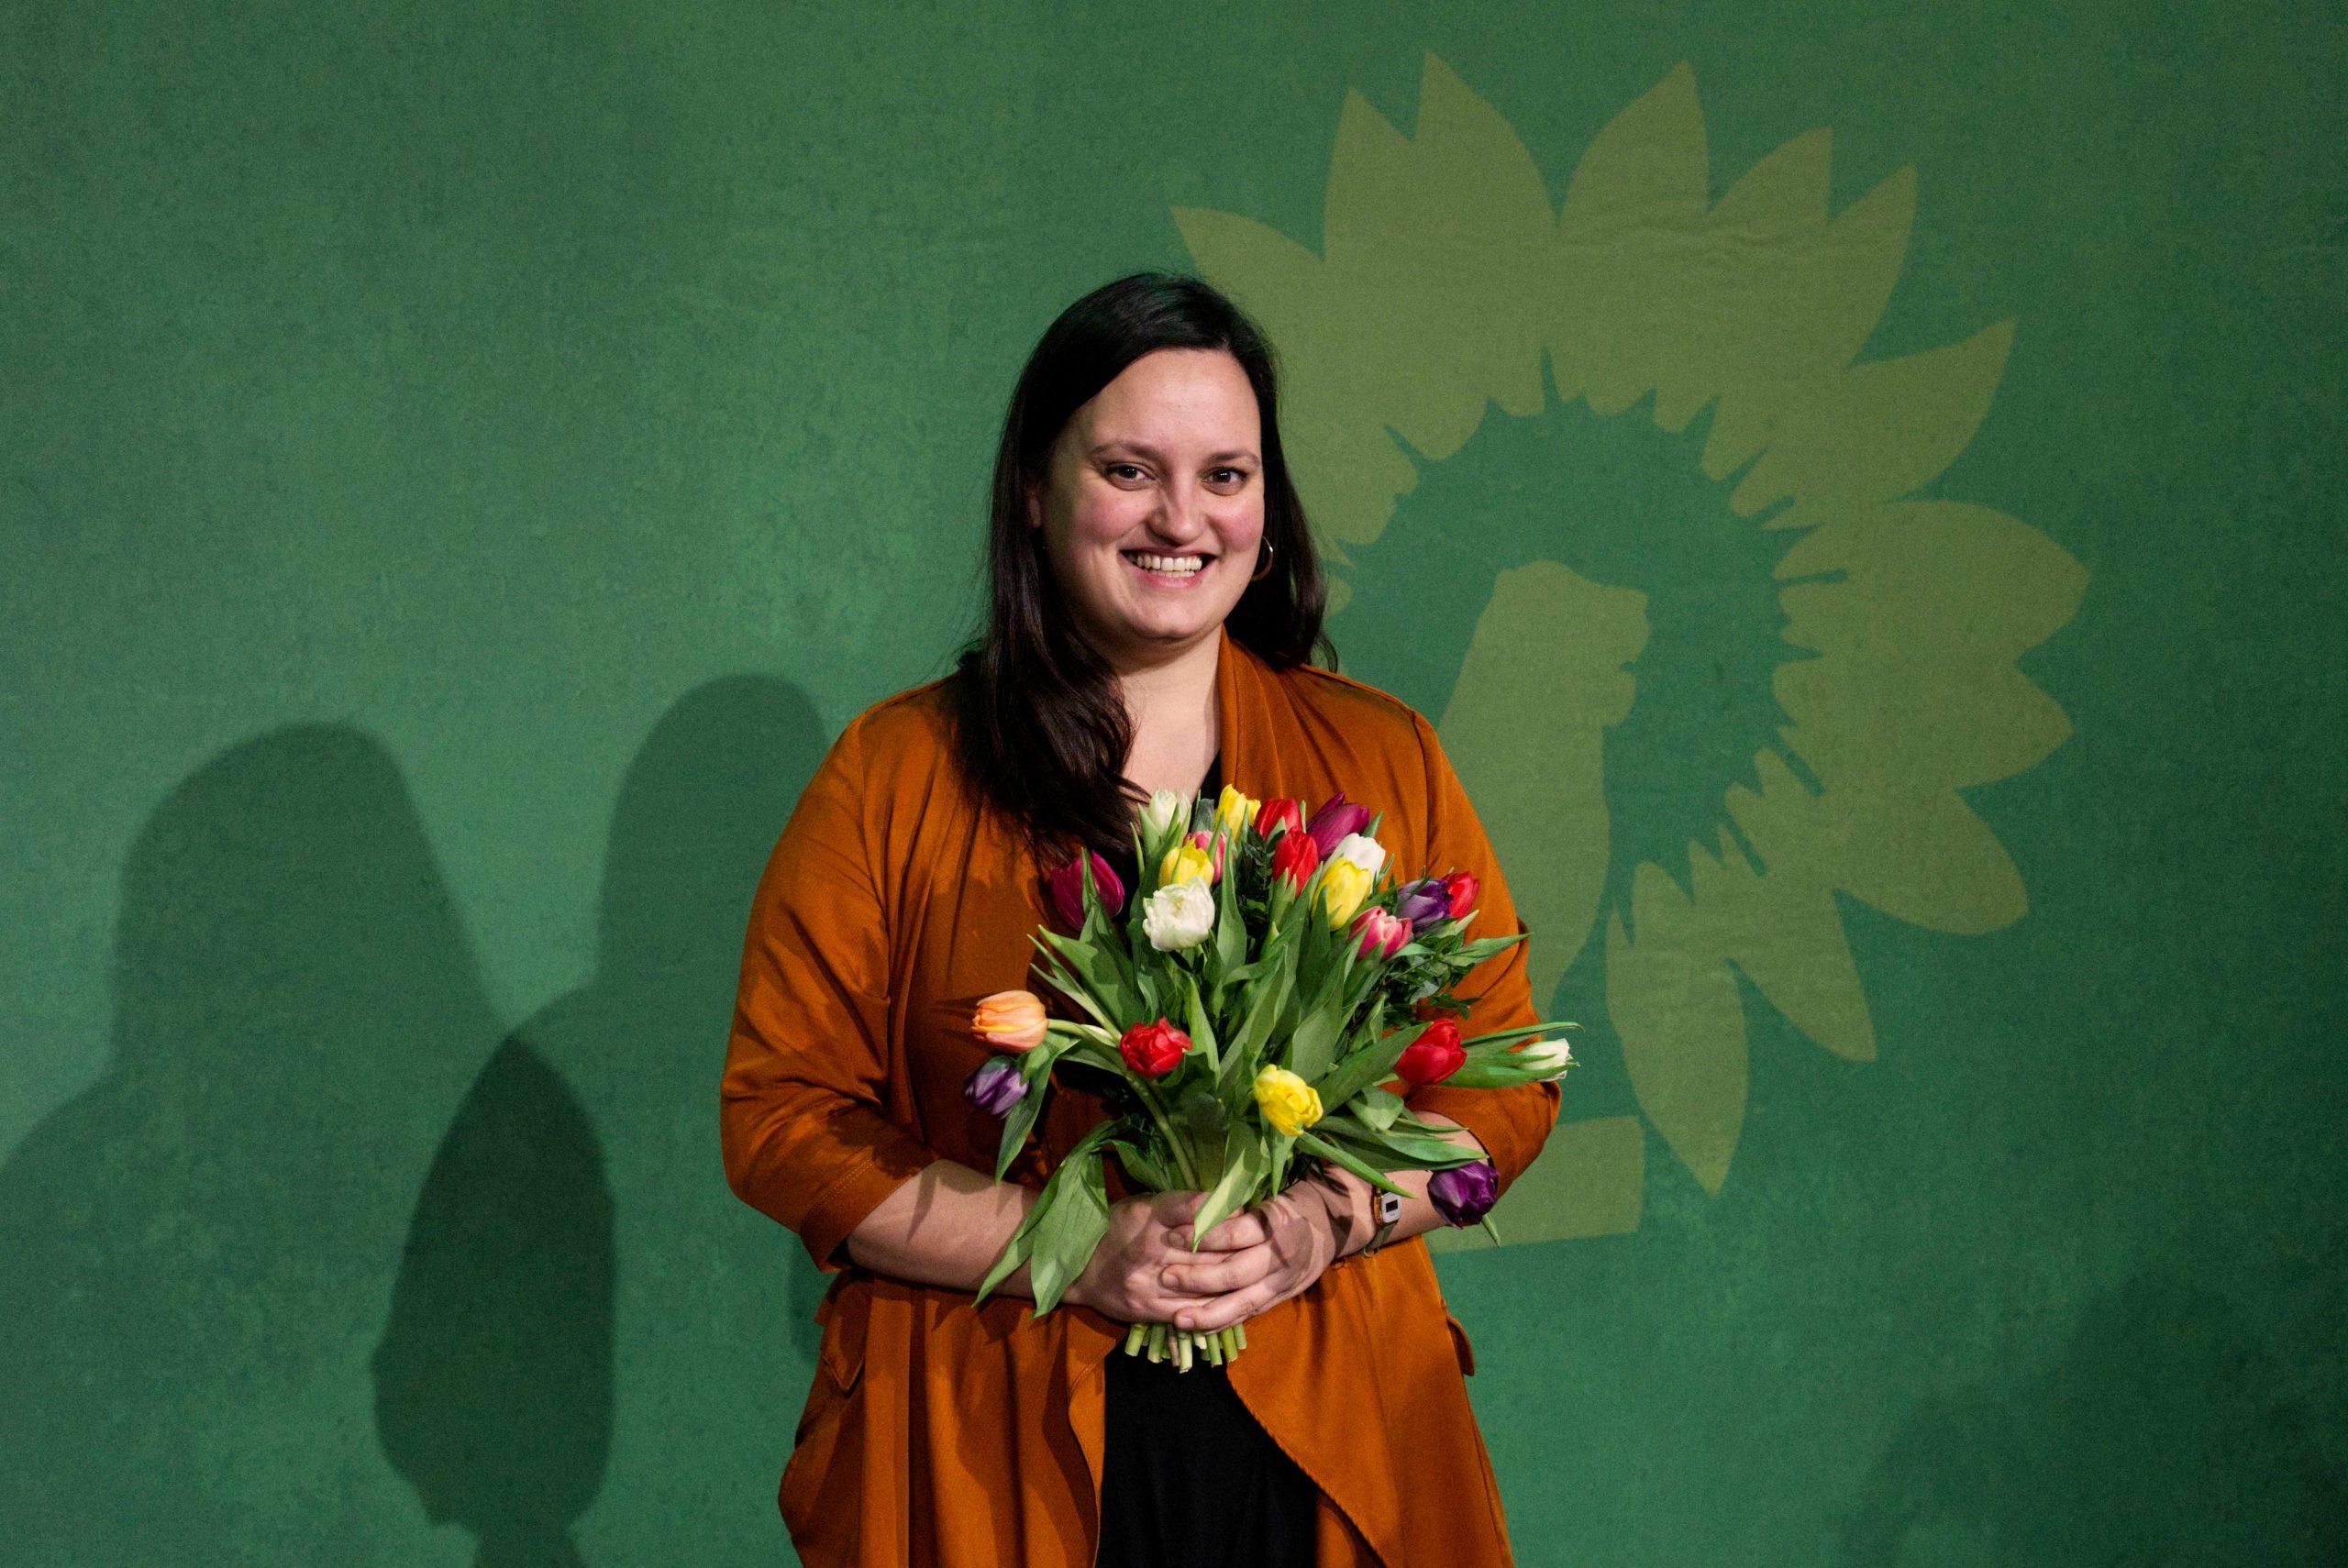 Grüne wählen Margaux Erdmann zur Bundestagskandidatin